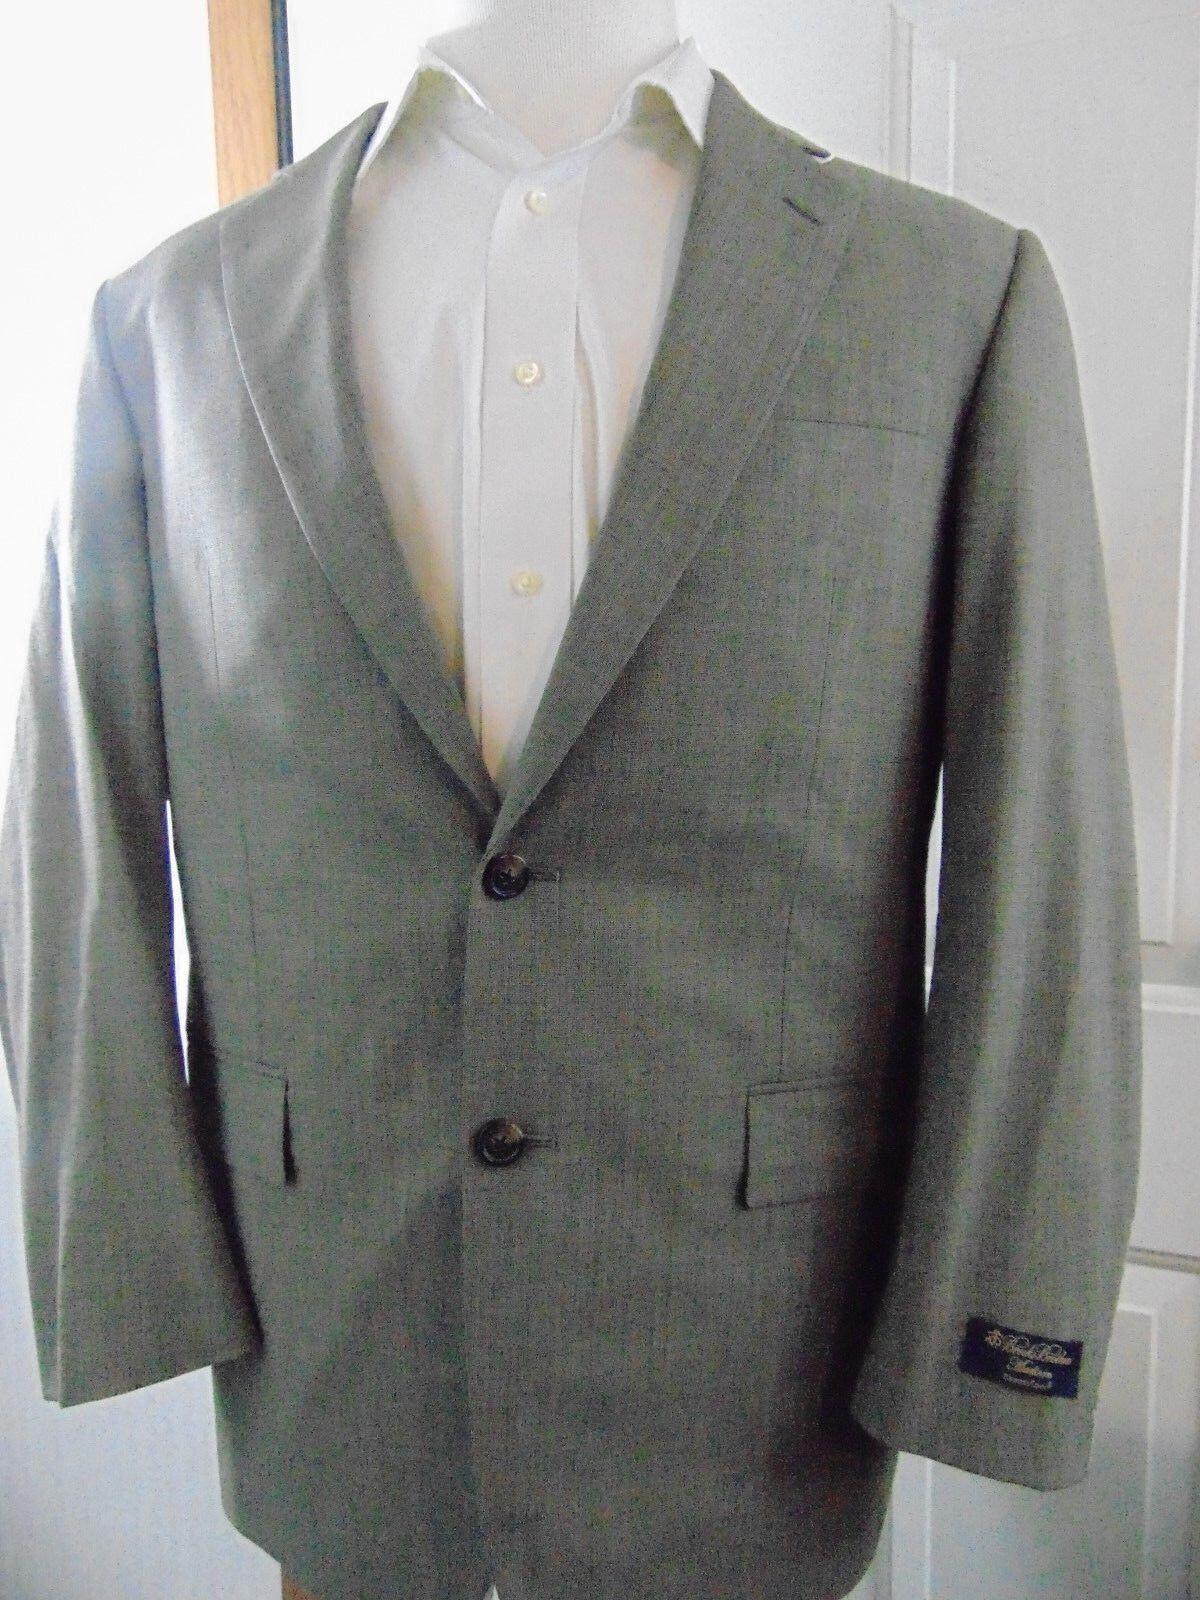 NWT Brooks Brothers Madison BrooksCool 40R grau Braun Taupe TextuROT Sportcoat